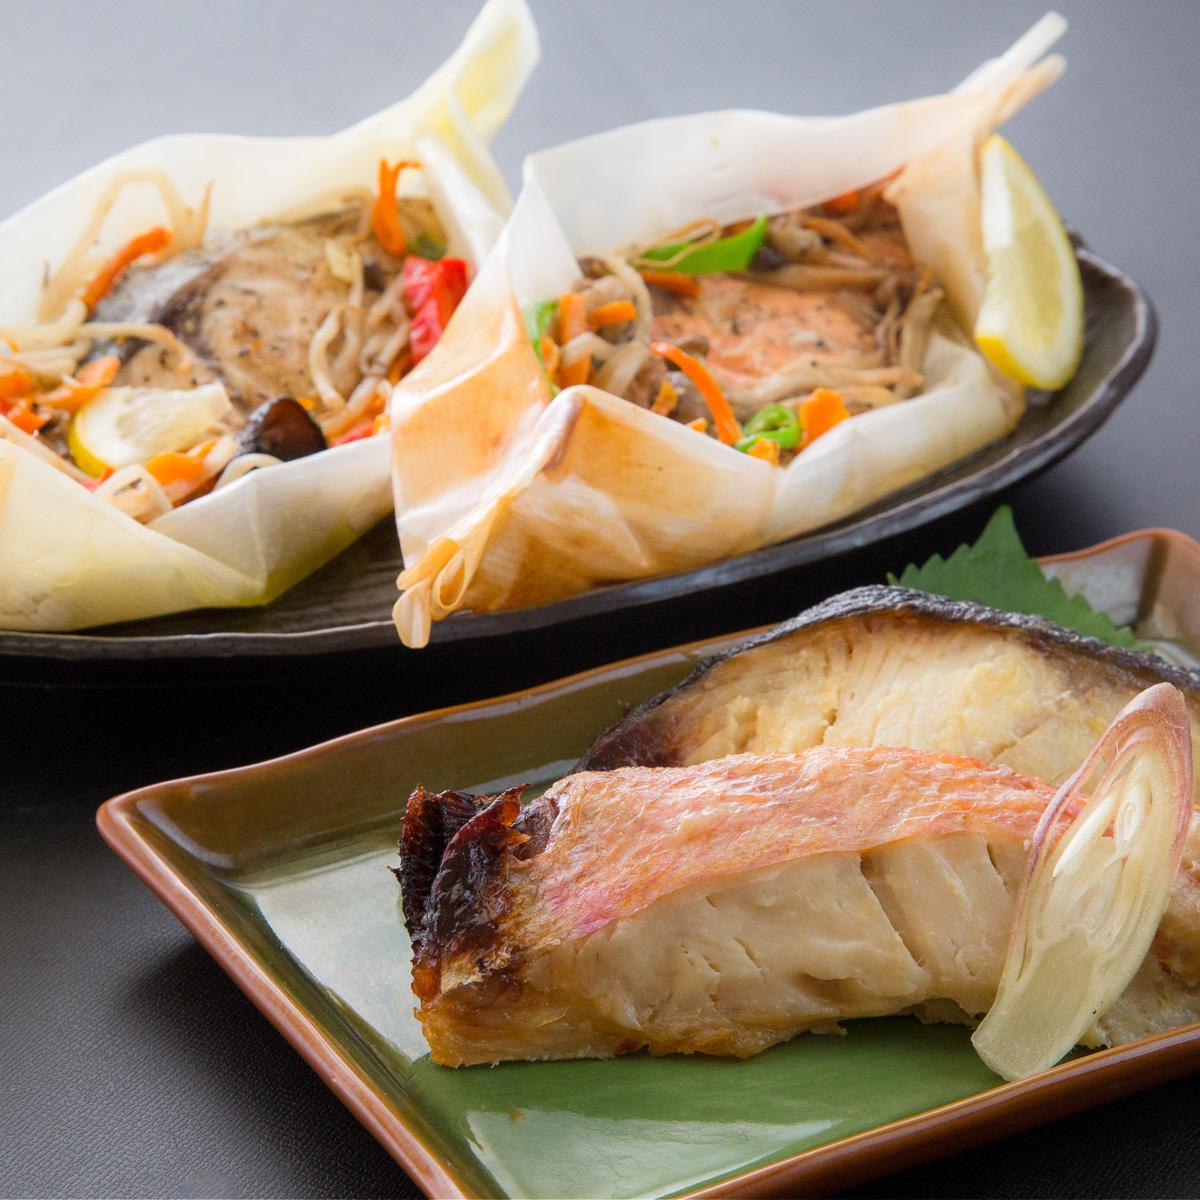 【ふるさと納税】レンジで簡単!閖上海鮮西京漬け&包み焼きセット